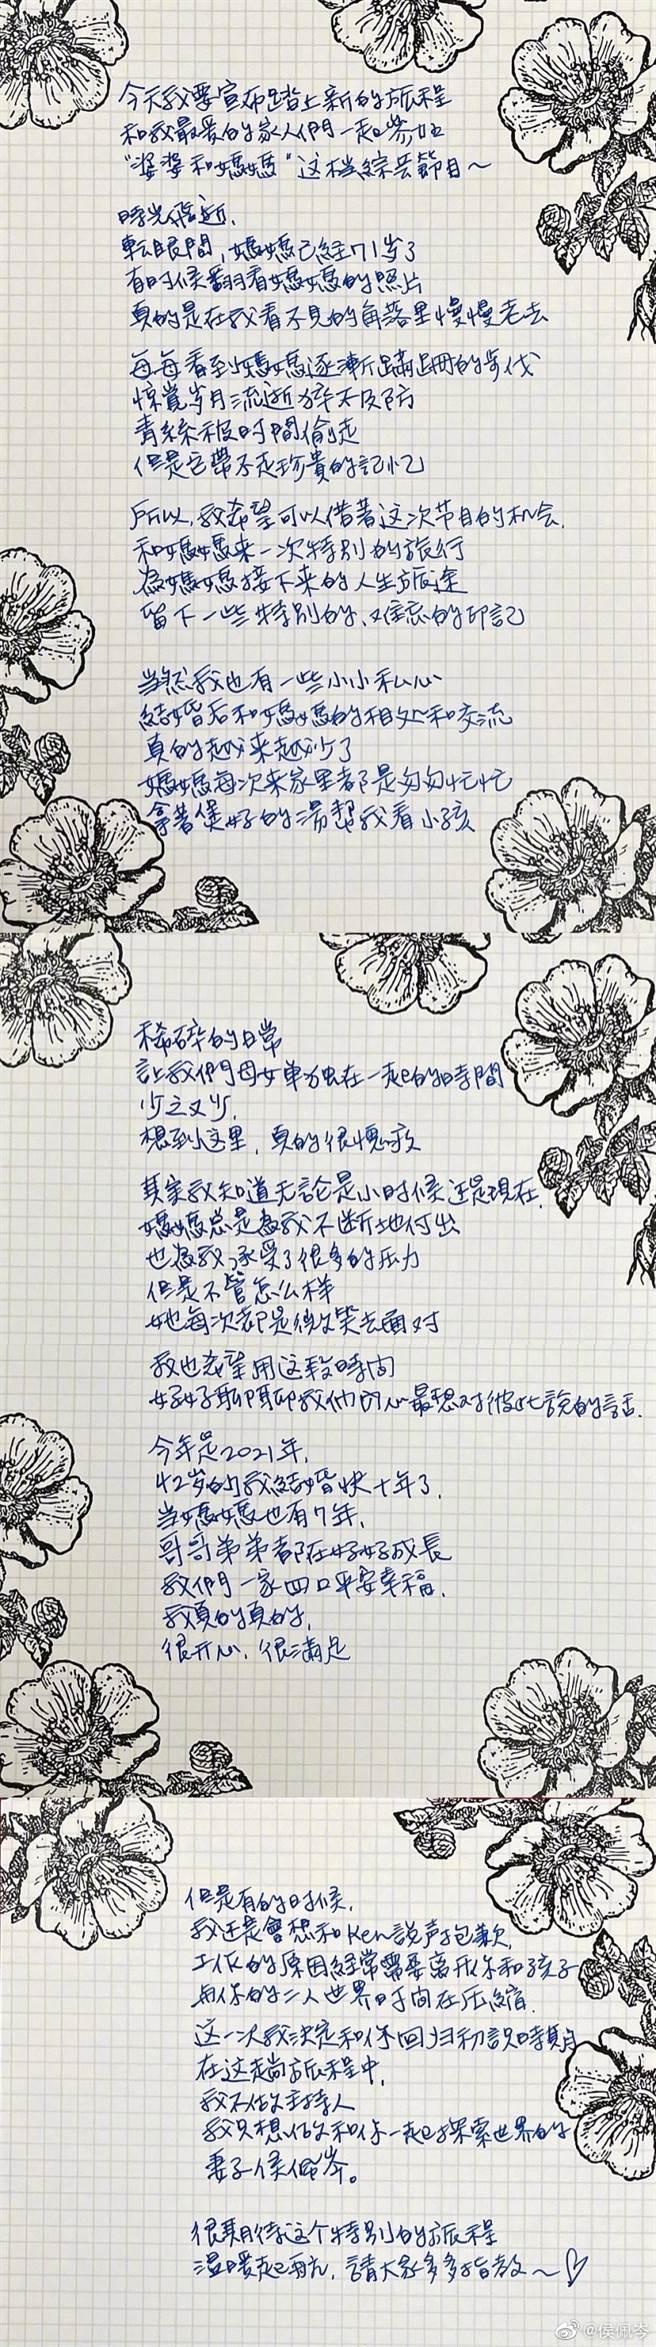 侯佩岑的親筆手寫信。(圖/微博@侯佩岑)